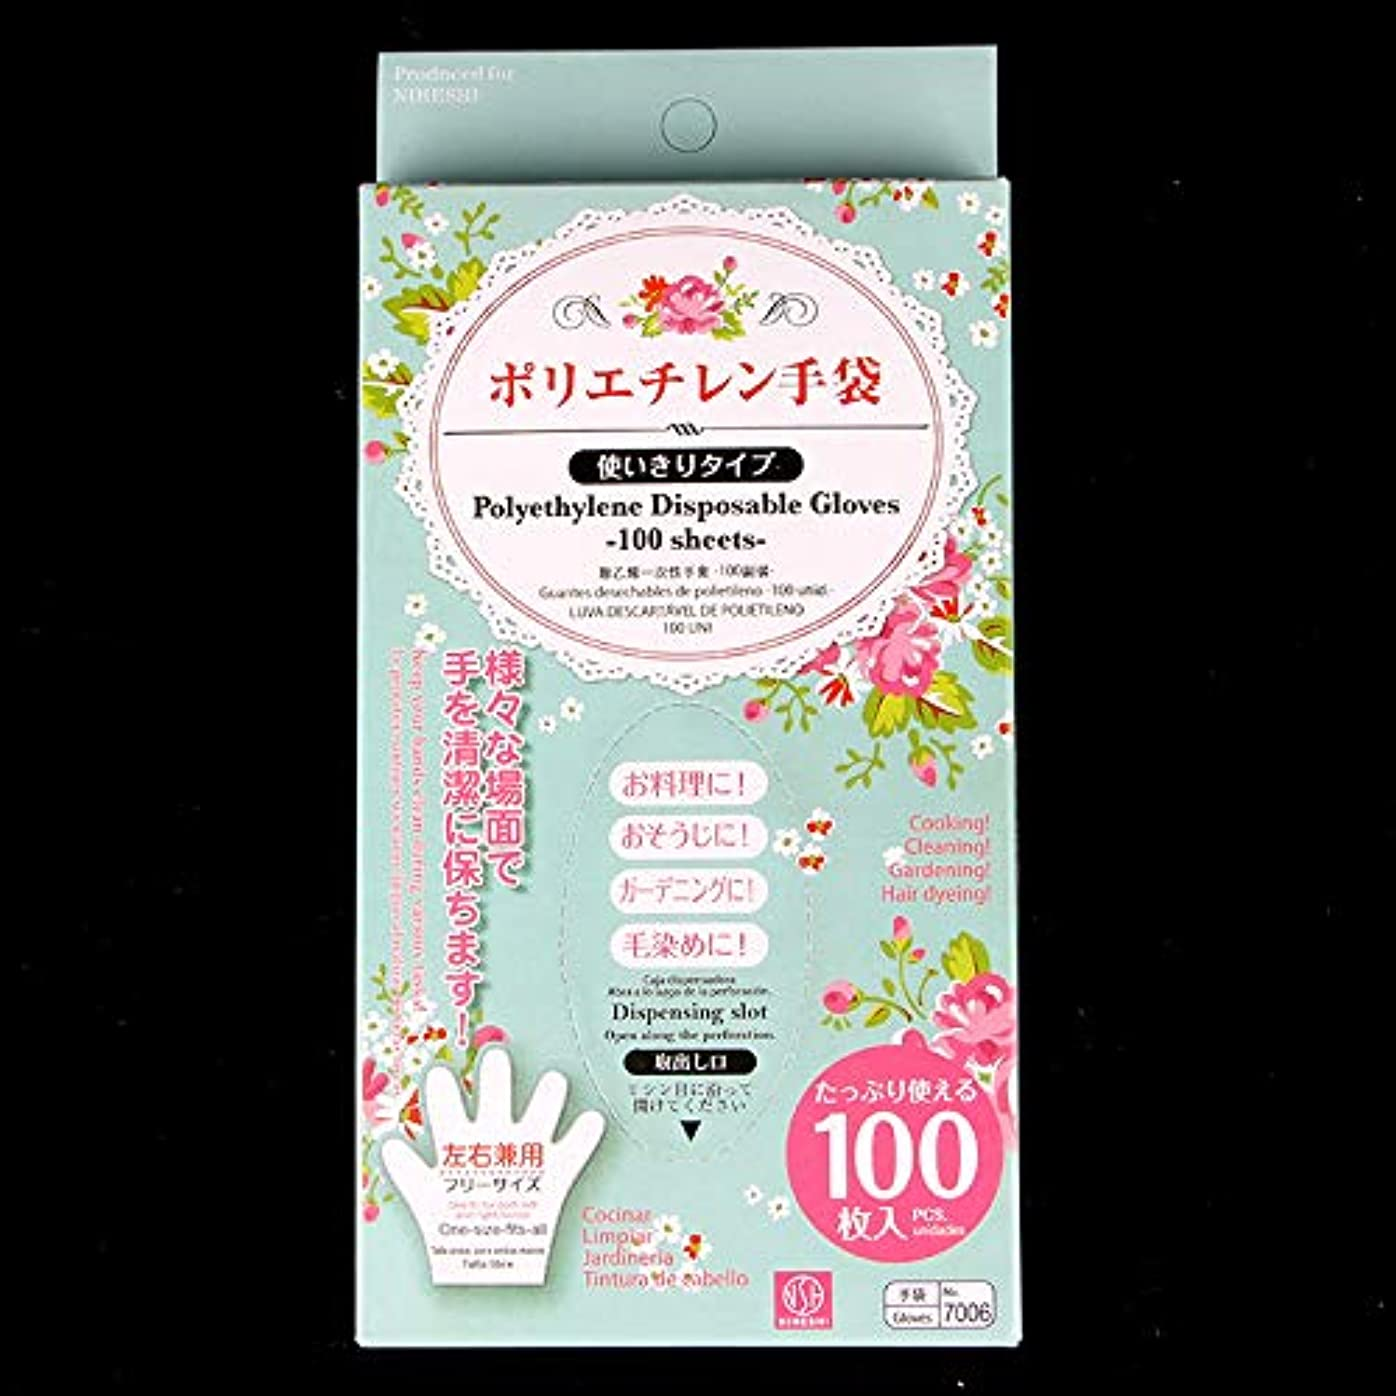 不快かき混ぜる埋める使い捨て手袋 極薄ビニール手袋 ポリエチレン 透明 実用 衛生 100枚/セット